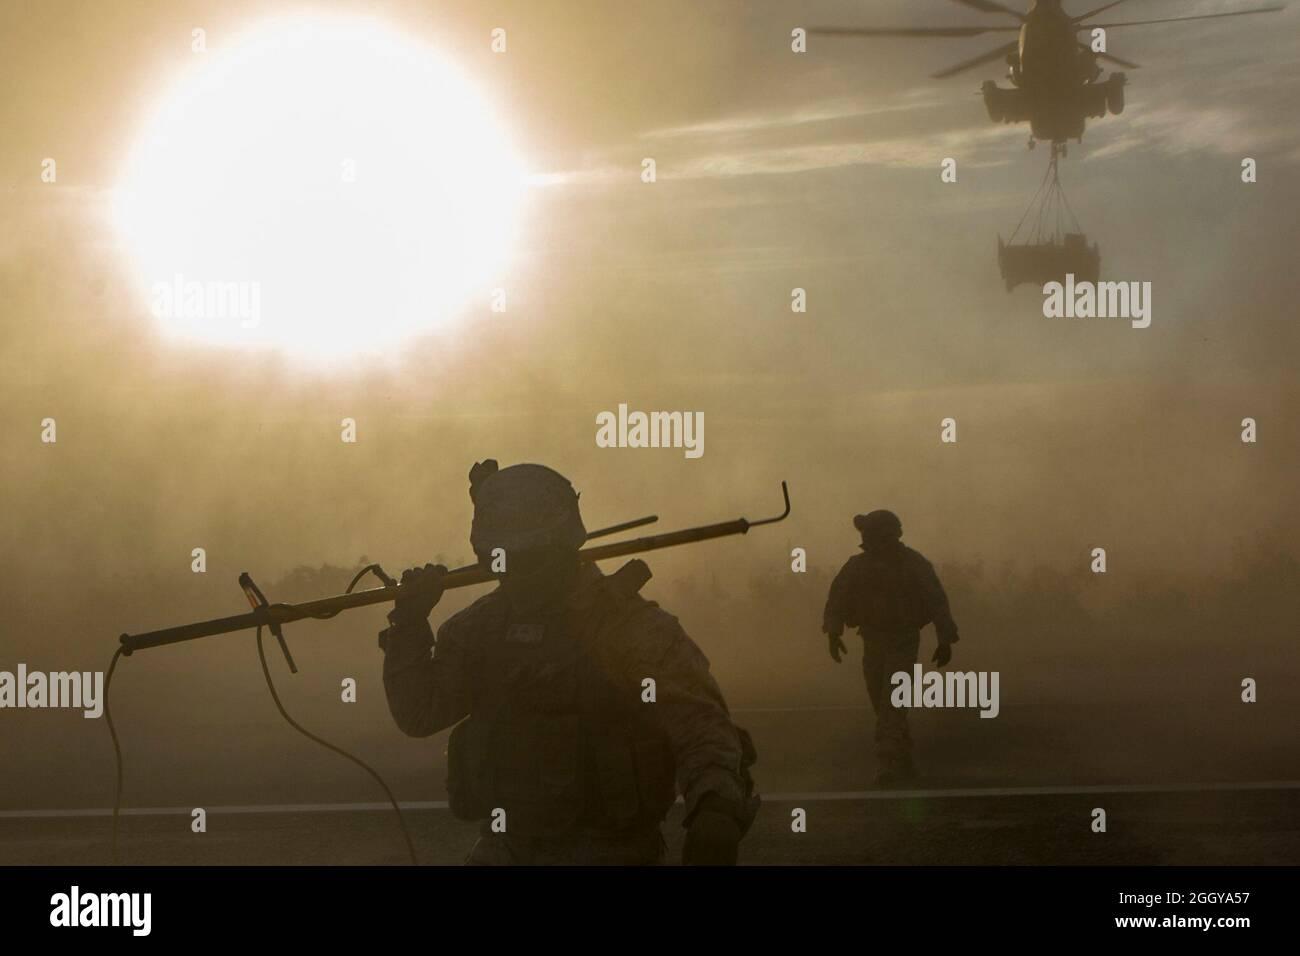 U.S. Marines, Lance Cpl. Sebastiane Megariz, a la izquierda, y Gunnery Sgt. Jeffery Addison Jr., derecha, ambos especialistas de apoyo de aterrizaje, con Combat Logistics Batallón 13, Combat Logistics Regiment 17, 1st Marine Logistics Group, reagruparse después de aparejos de vehículos tácticos en un Super Stallion CH-53E, asignado al Escuadrón de Armas y Tácticas de Aviación Marina (MAWTS-1), Durante un levantamiento directo del centro de apoyo aéreo en una base expedicionaria avanzada, en apoyo del curso de Instructor de Armas y Tácticas (WTI) 2-21, en el Auxiliar Airfield IV, cerca de Yuma, Arizona, 29 de marzo de 2021. WTI es un evento de entrenamiento de siete semanas Foto de stock